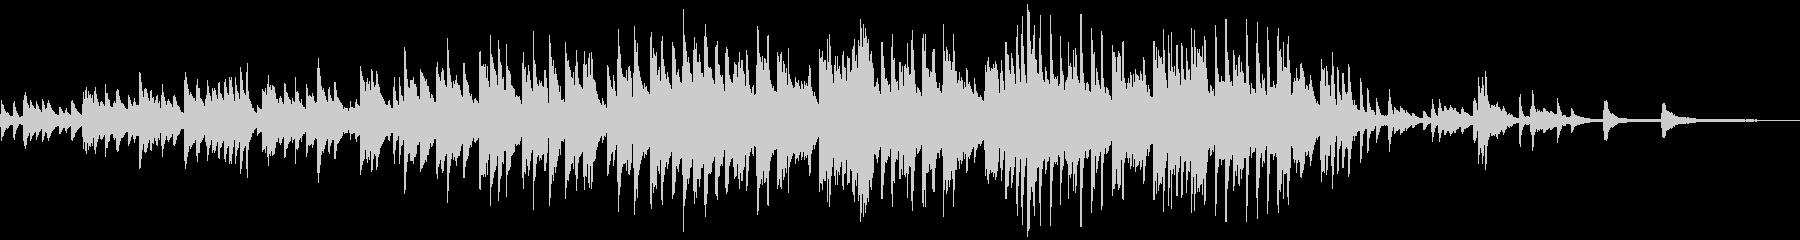 エンドロールのためのピアノソロの未再生の波形